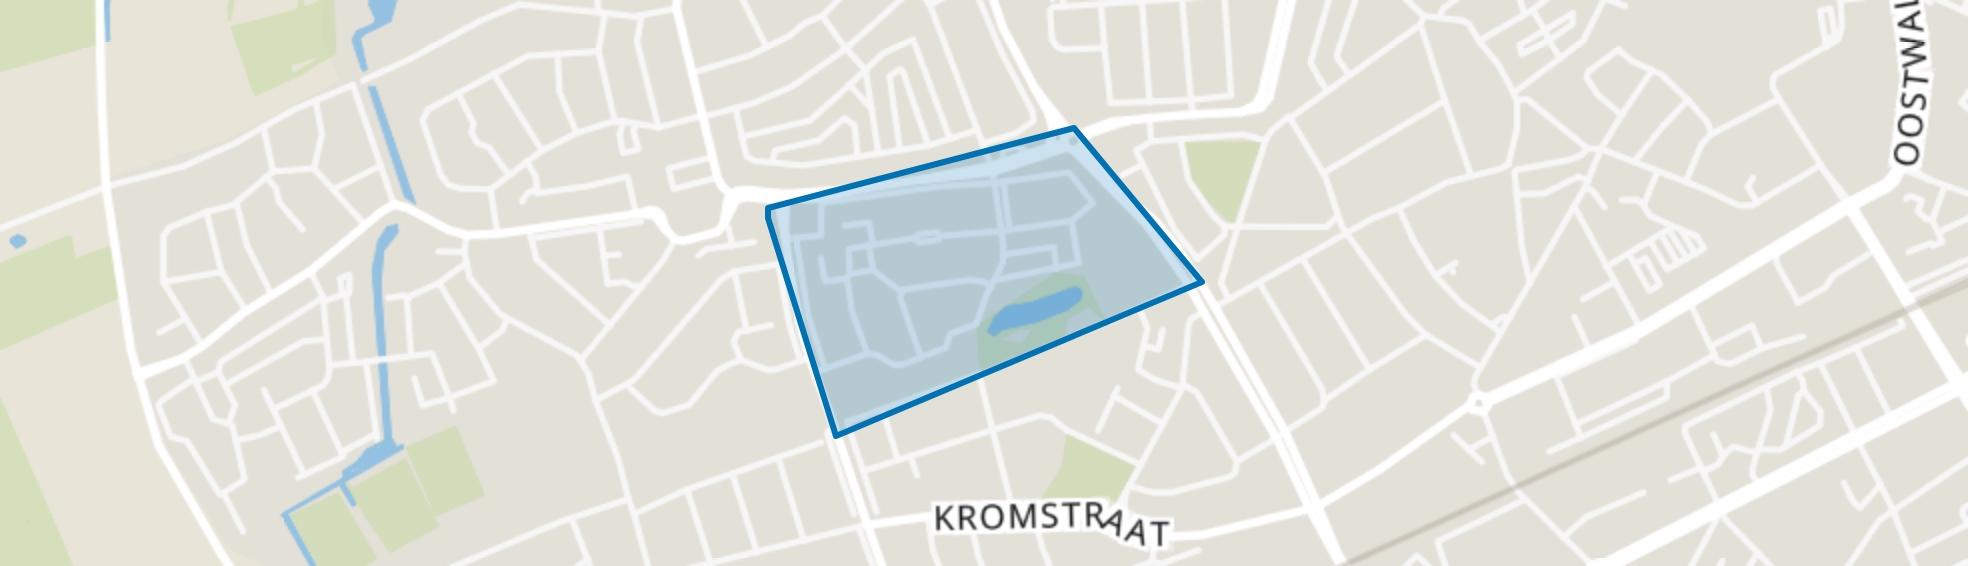 Hoefeind, Oss map